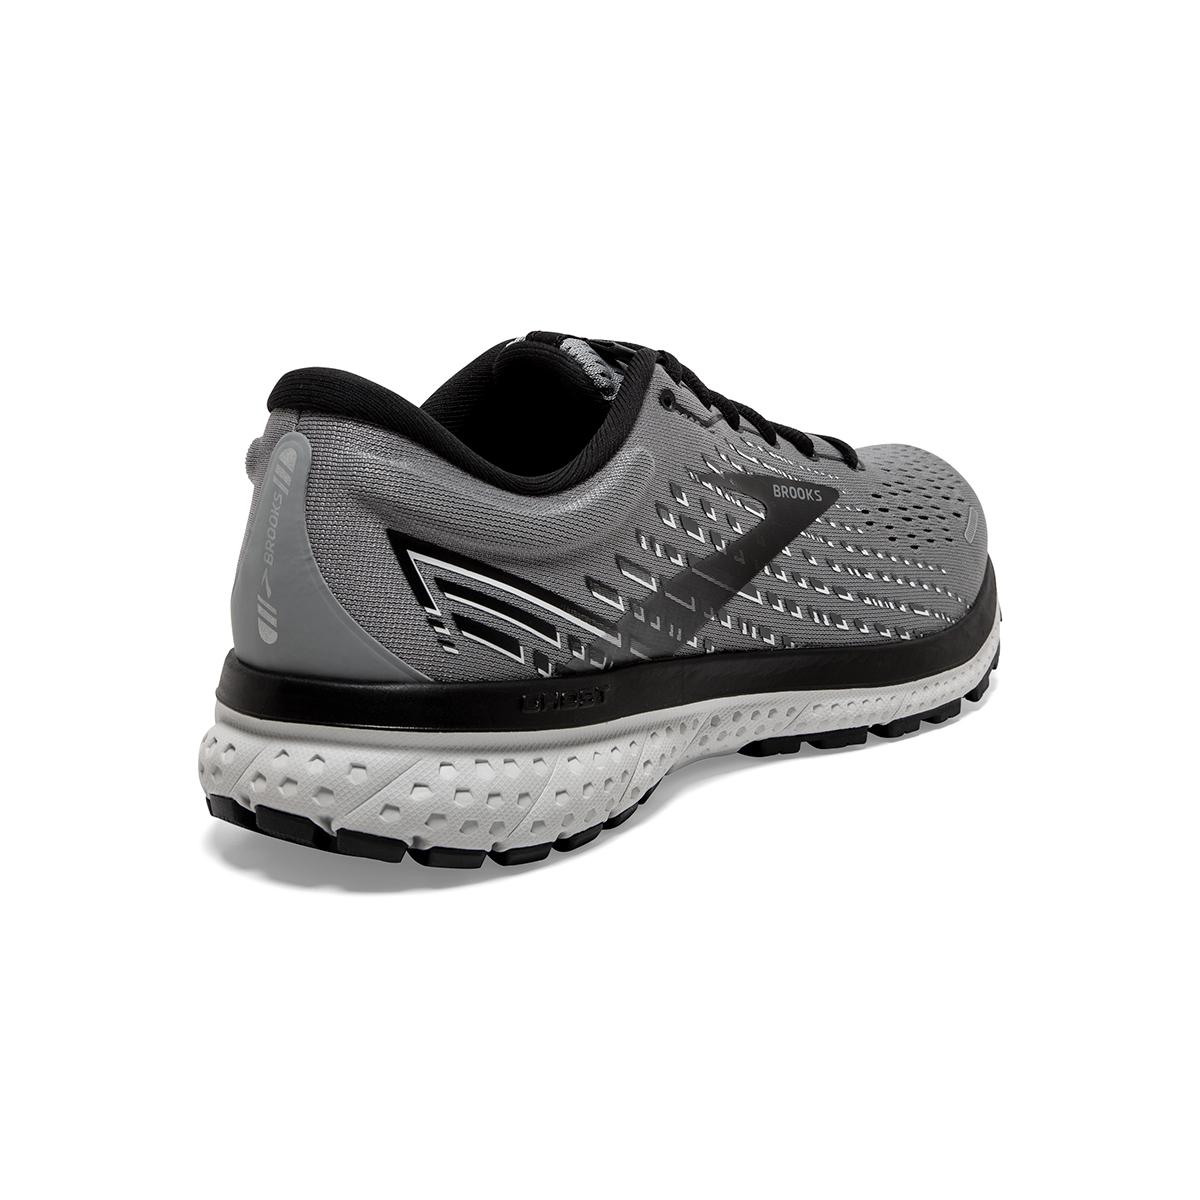 Men's Brooks Ghost 13 Running Shoe - Color: Primer Grey - Size: 7 - Width: Regular, Primer Grey, large, image 6